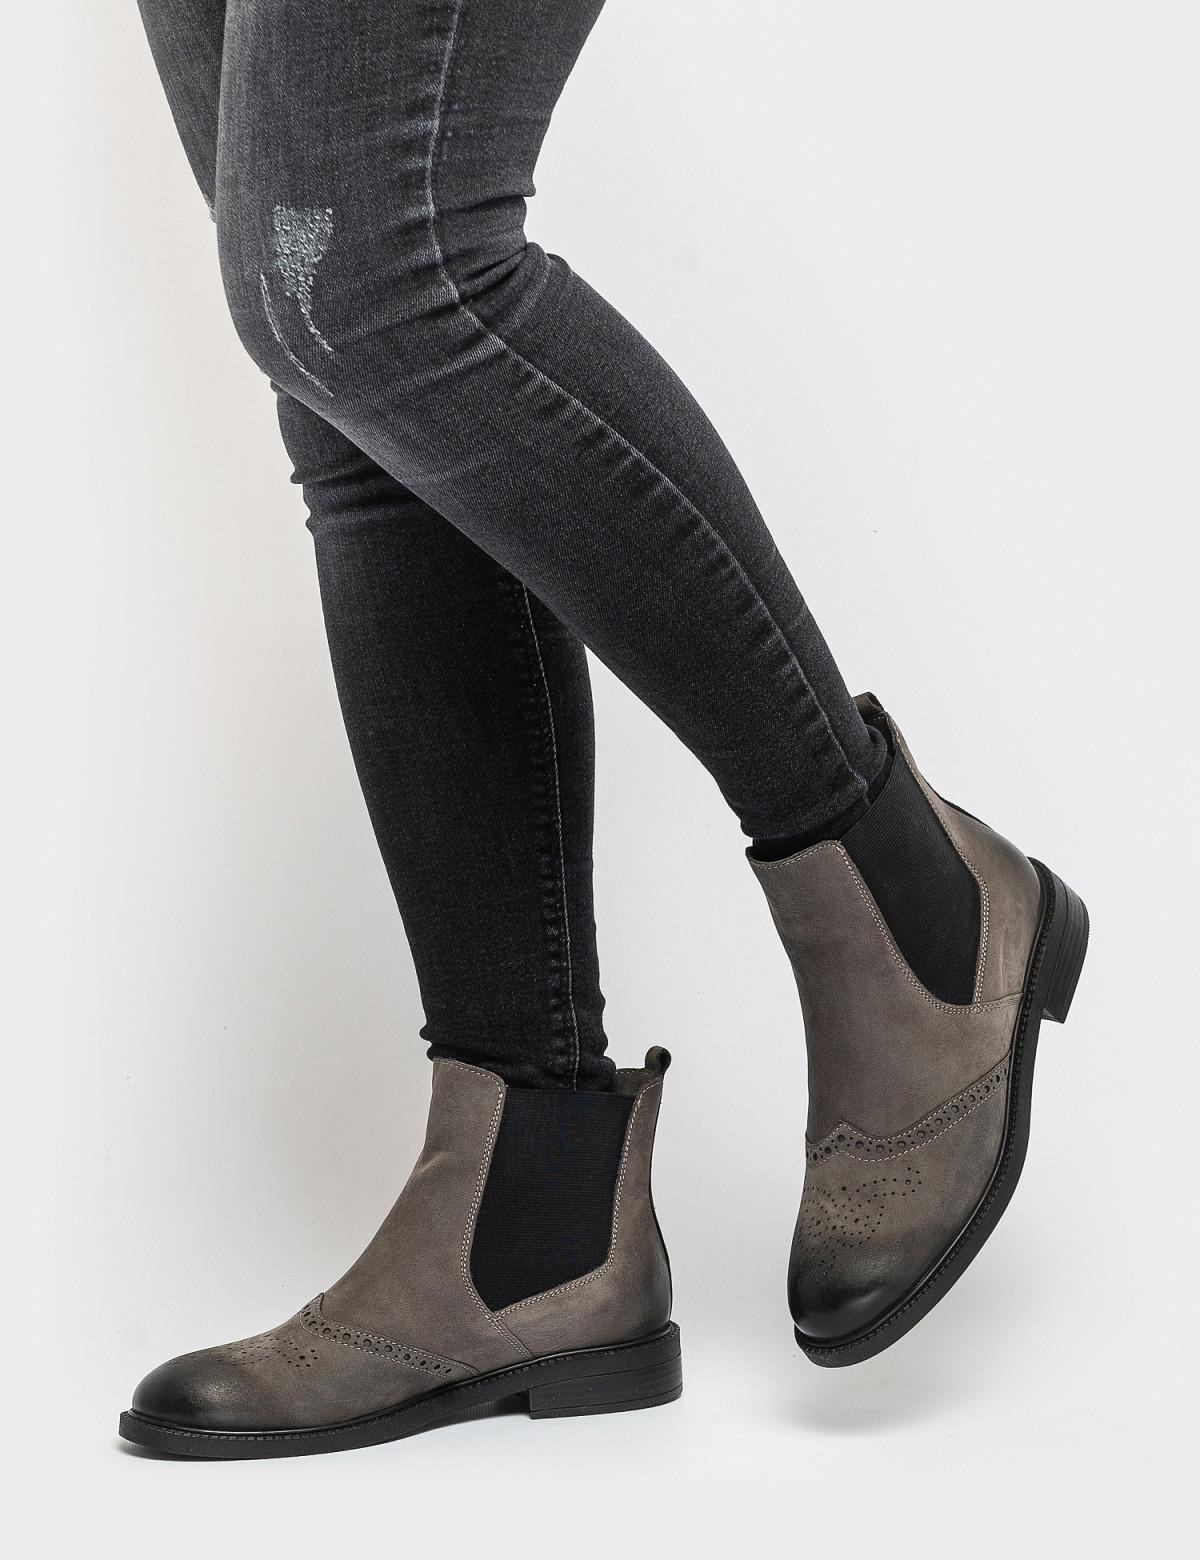 Ботинки серые. Натуральный нубук. Байка4